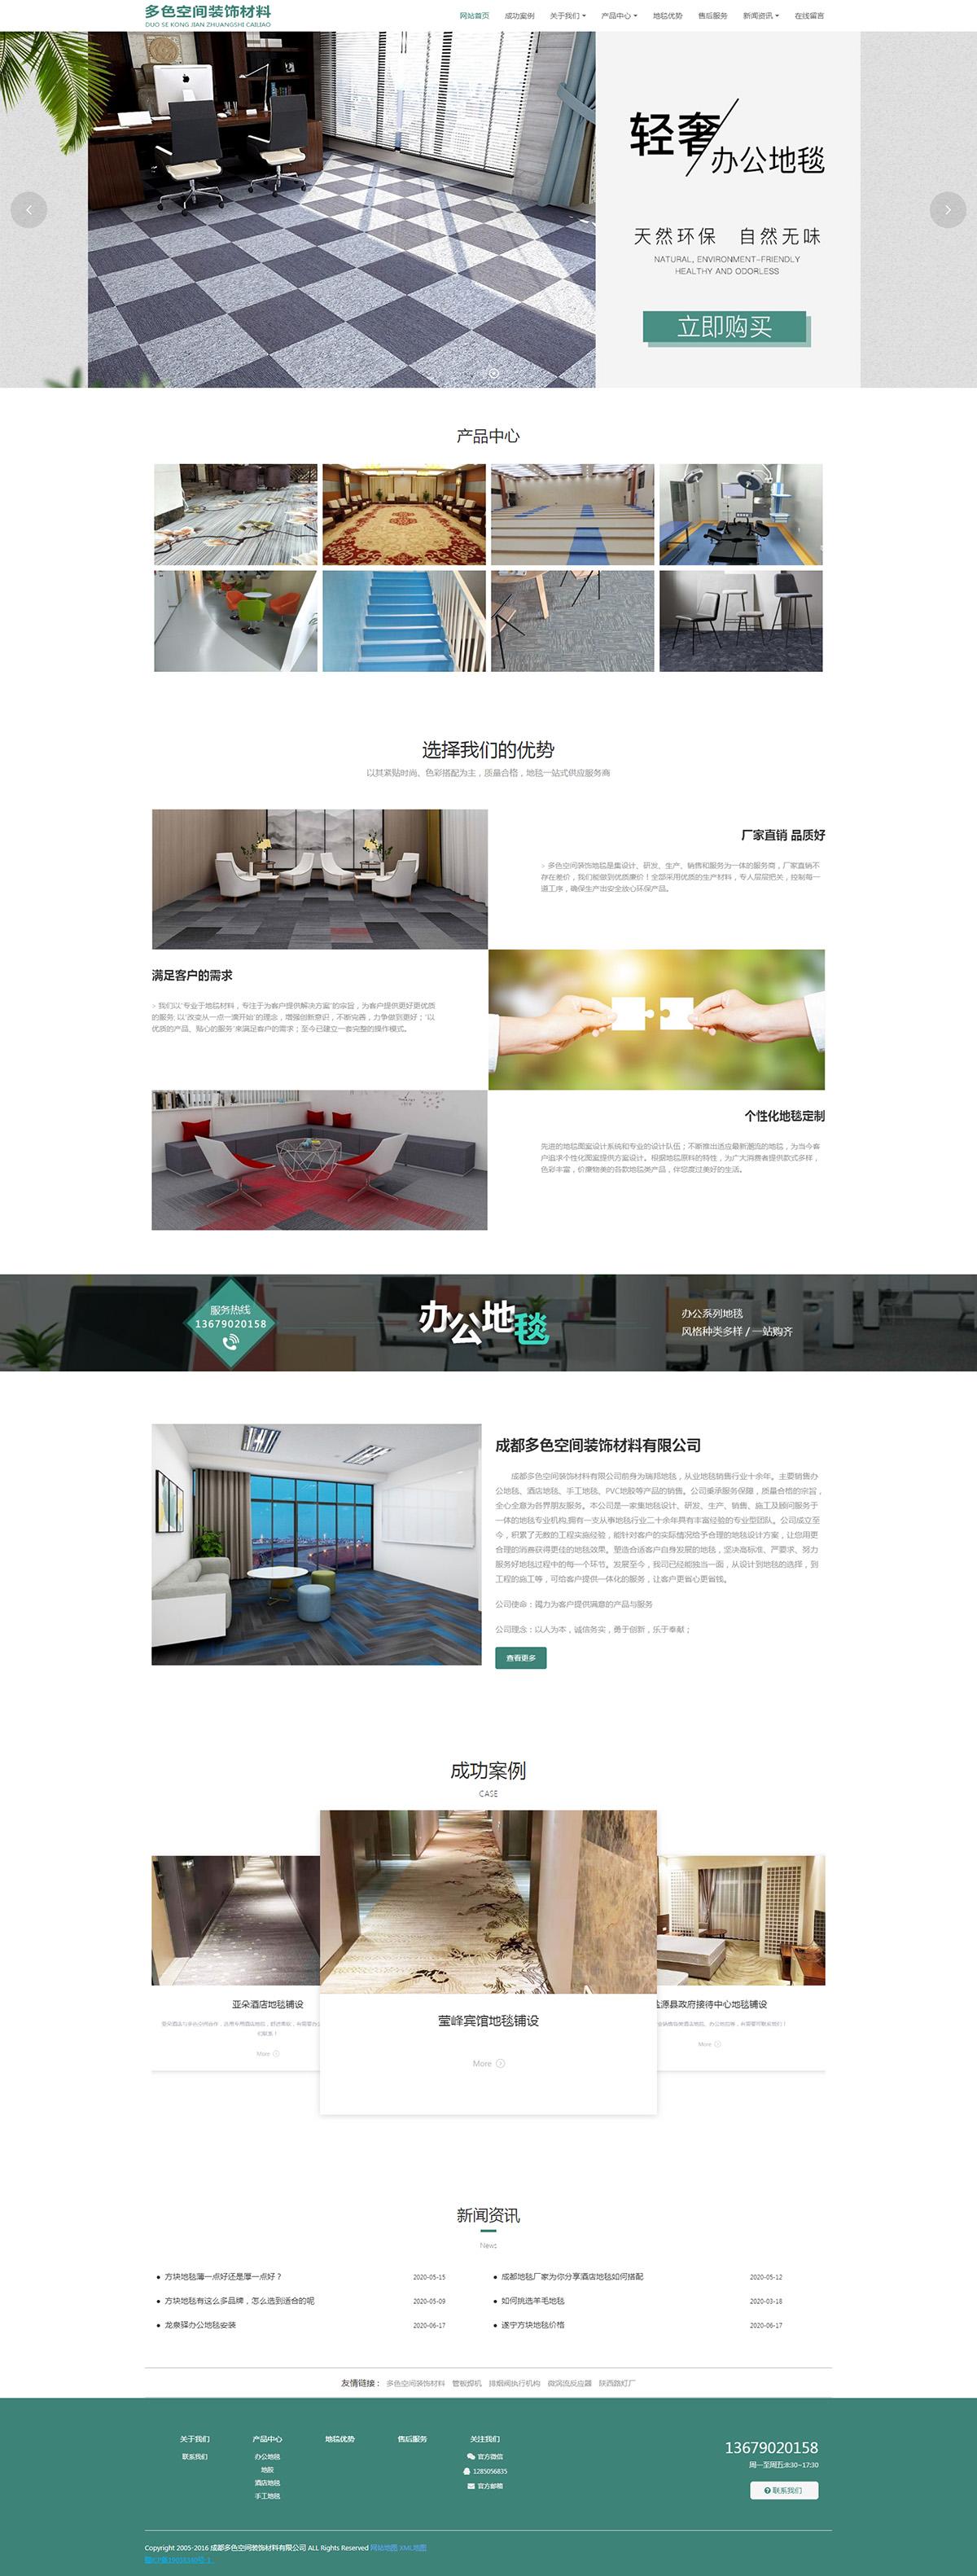 多色空间网站建设